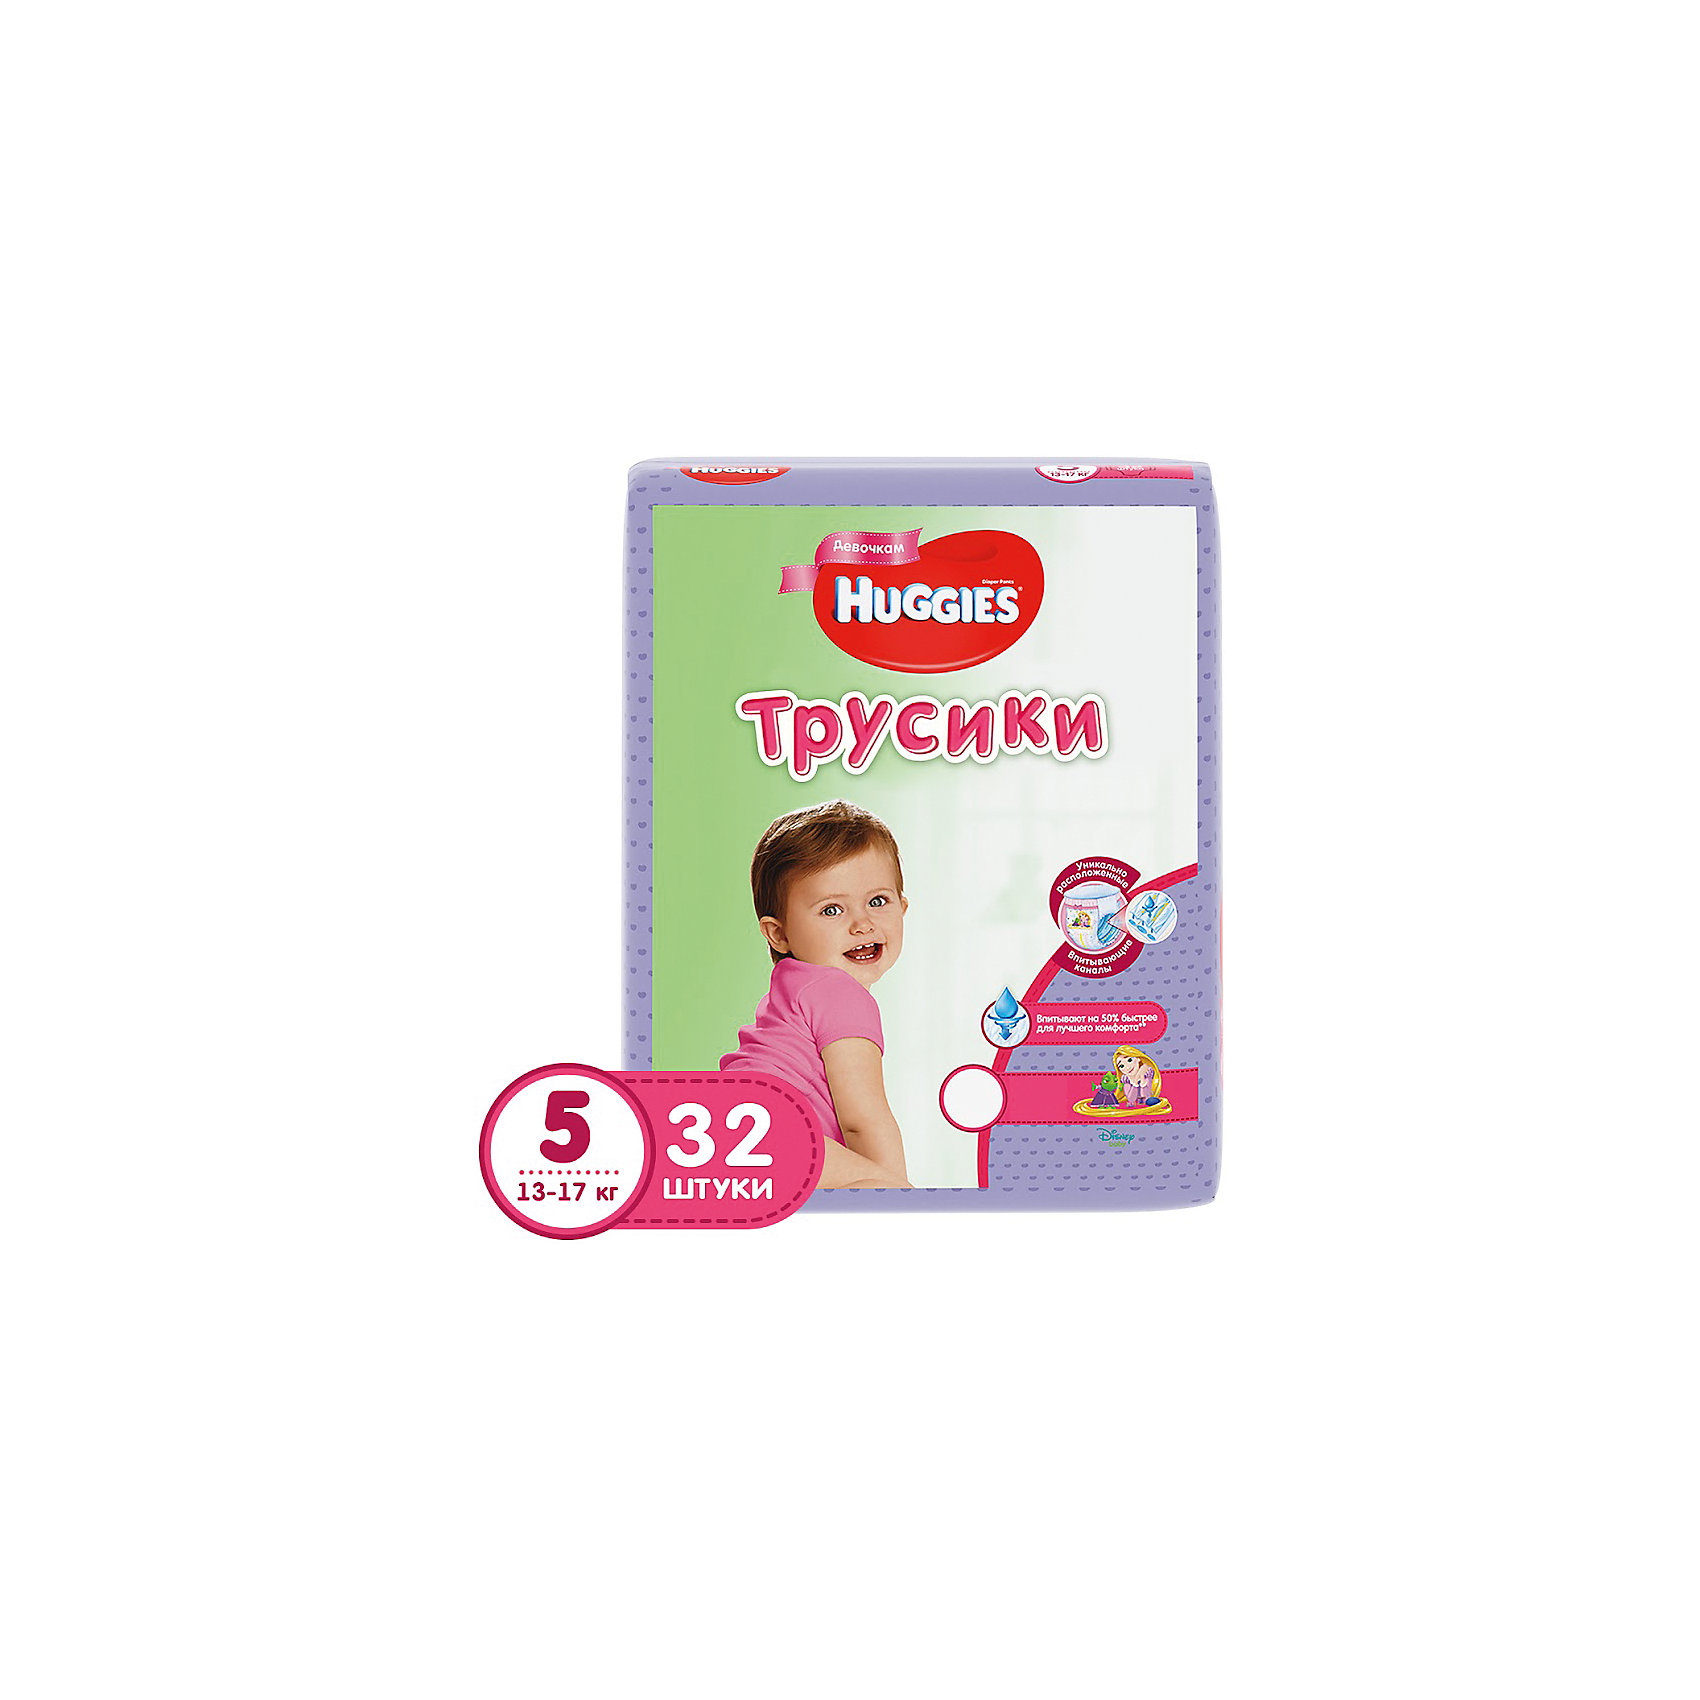 HUGGIES Трусики-подгузники 5 для девочек джамбо, 13-17 кг, 32 шт., Huggies трусики подгузники для девочек солнце и луна нежное прикосновение 5 13 20 кг 40 шт